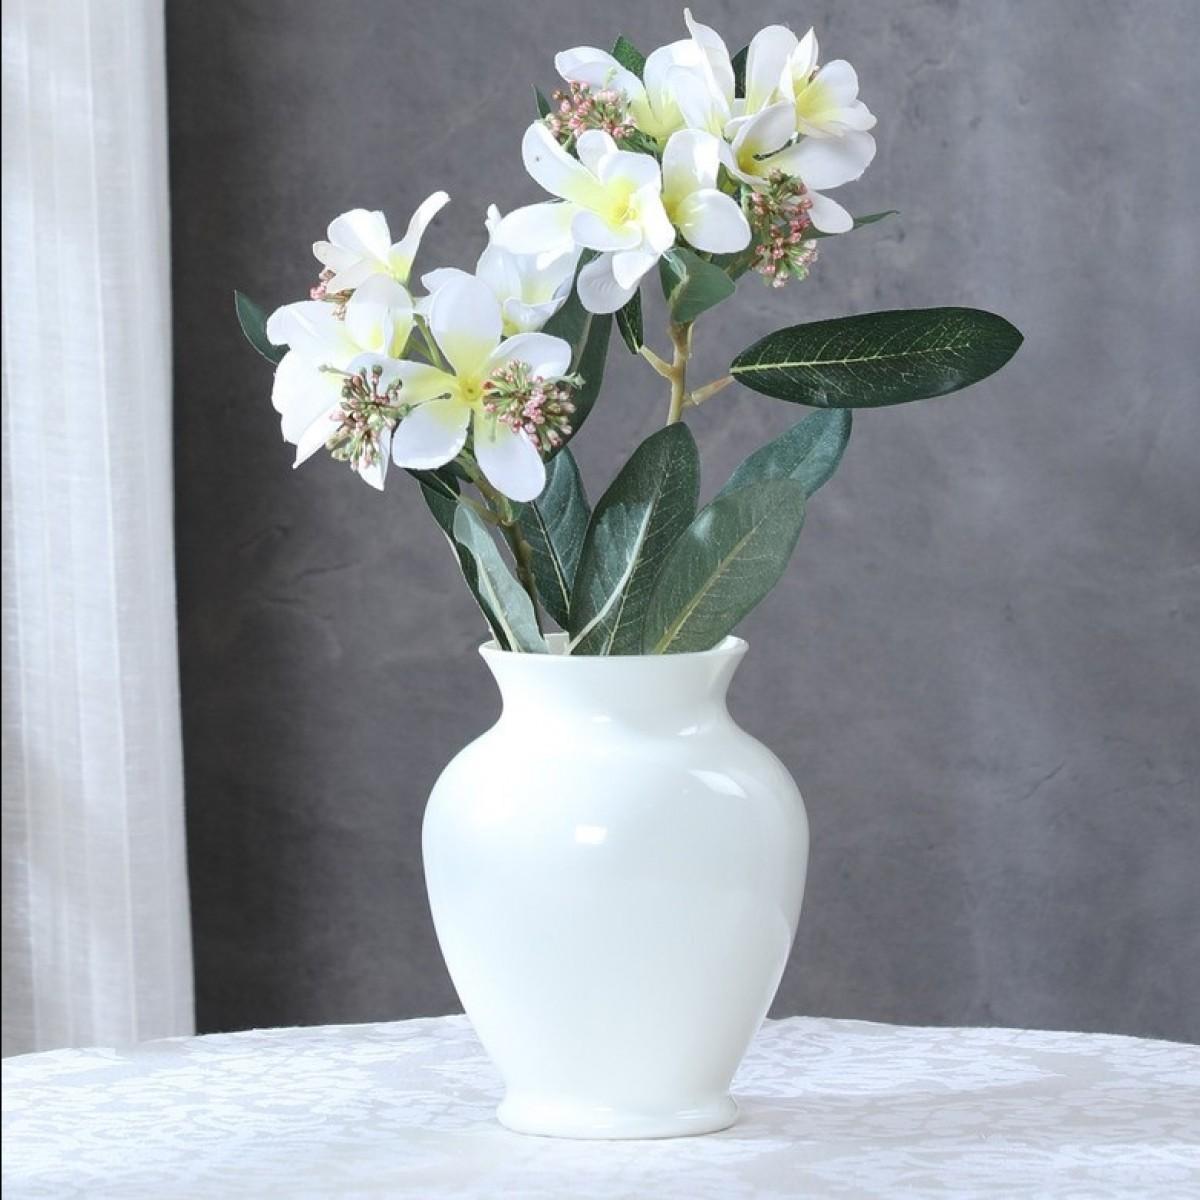 5104 Ginger Ivory 9x16cm Acrylic Vase - 1 No